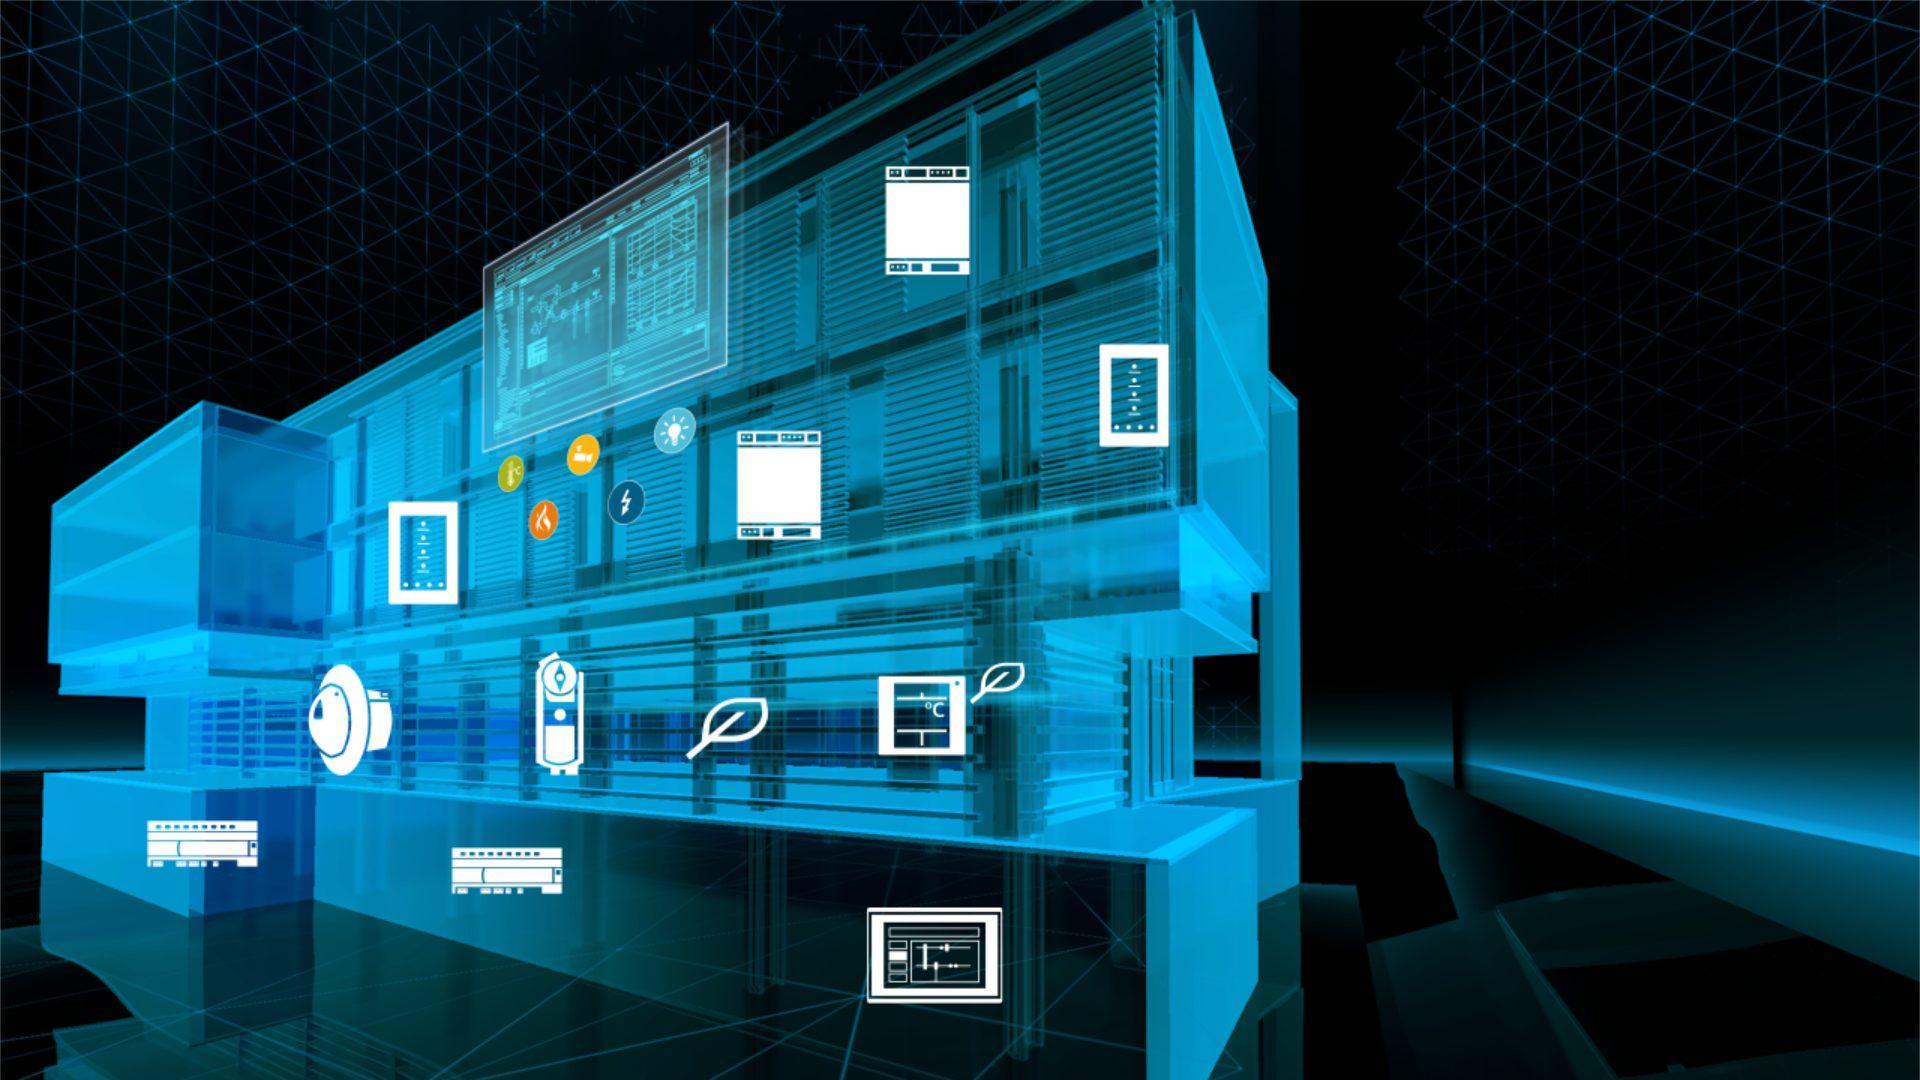 نظام التحكم وربط المباني في إدارة الطاقة B M S بوابة